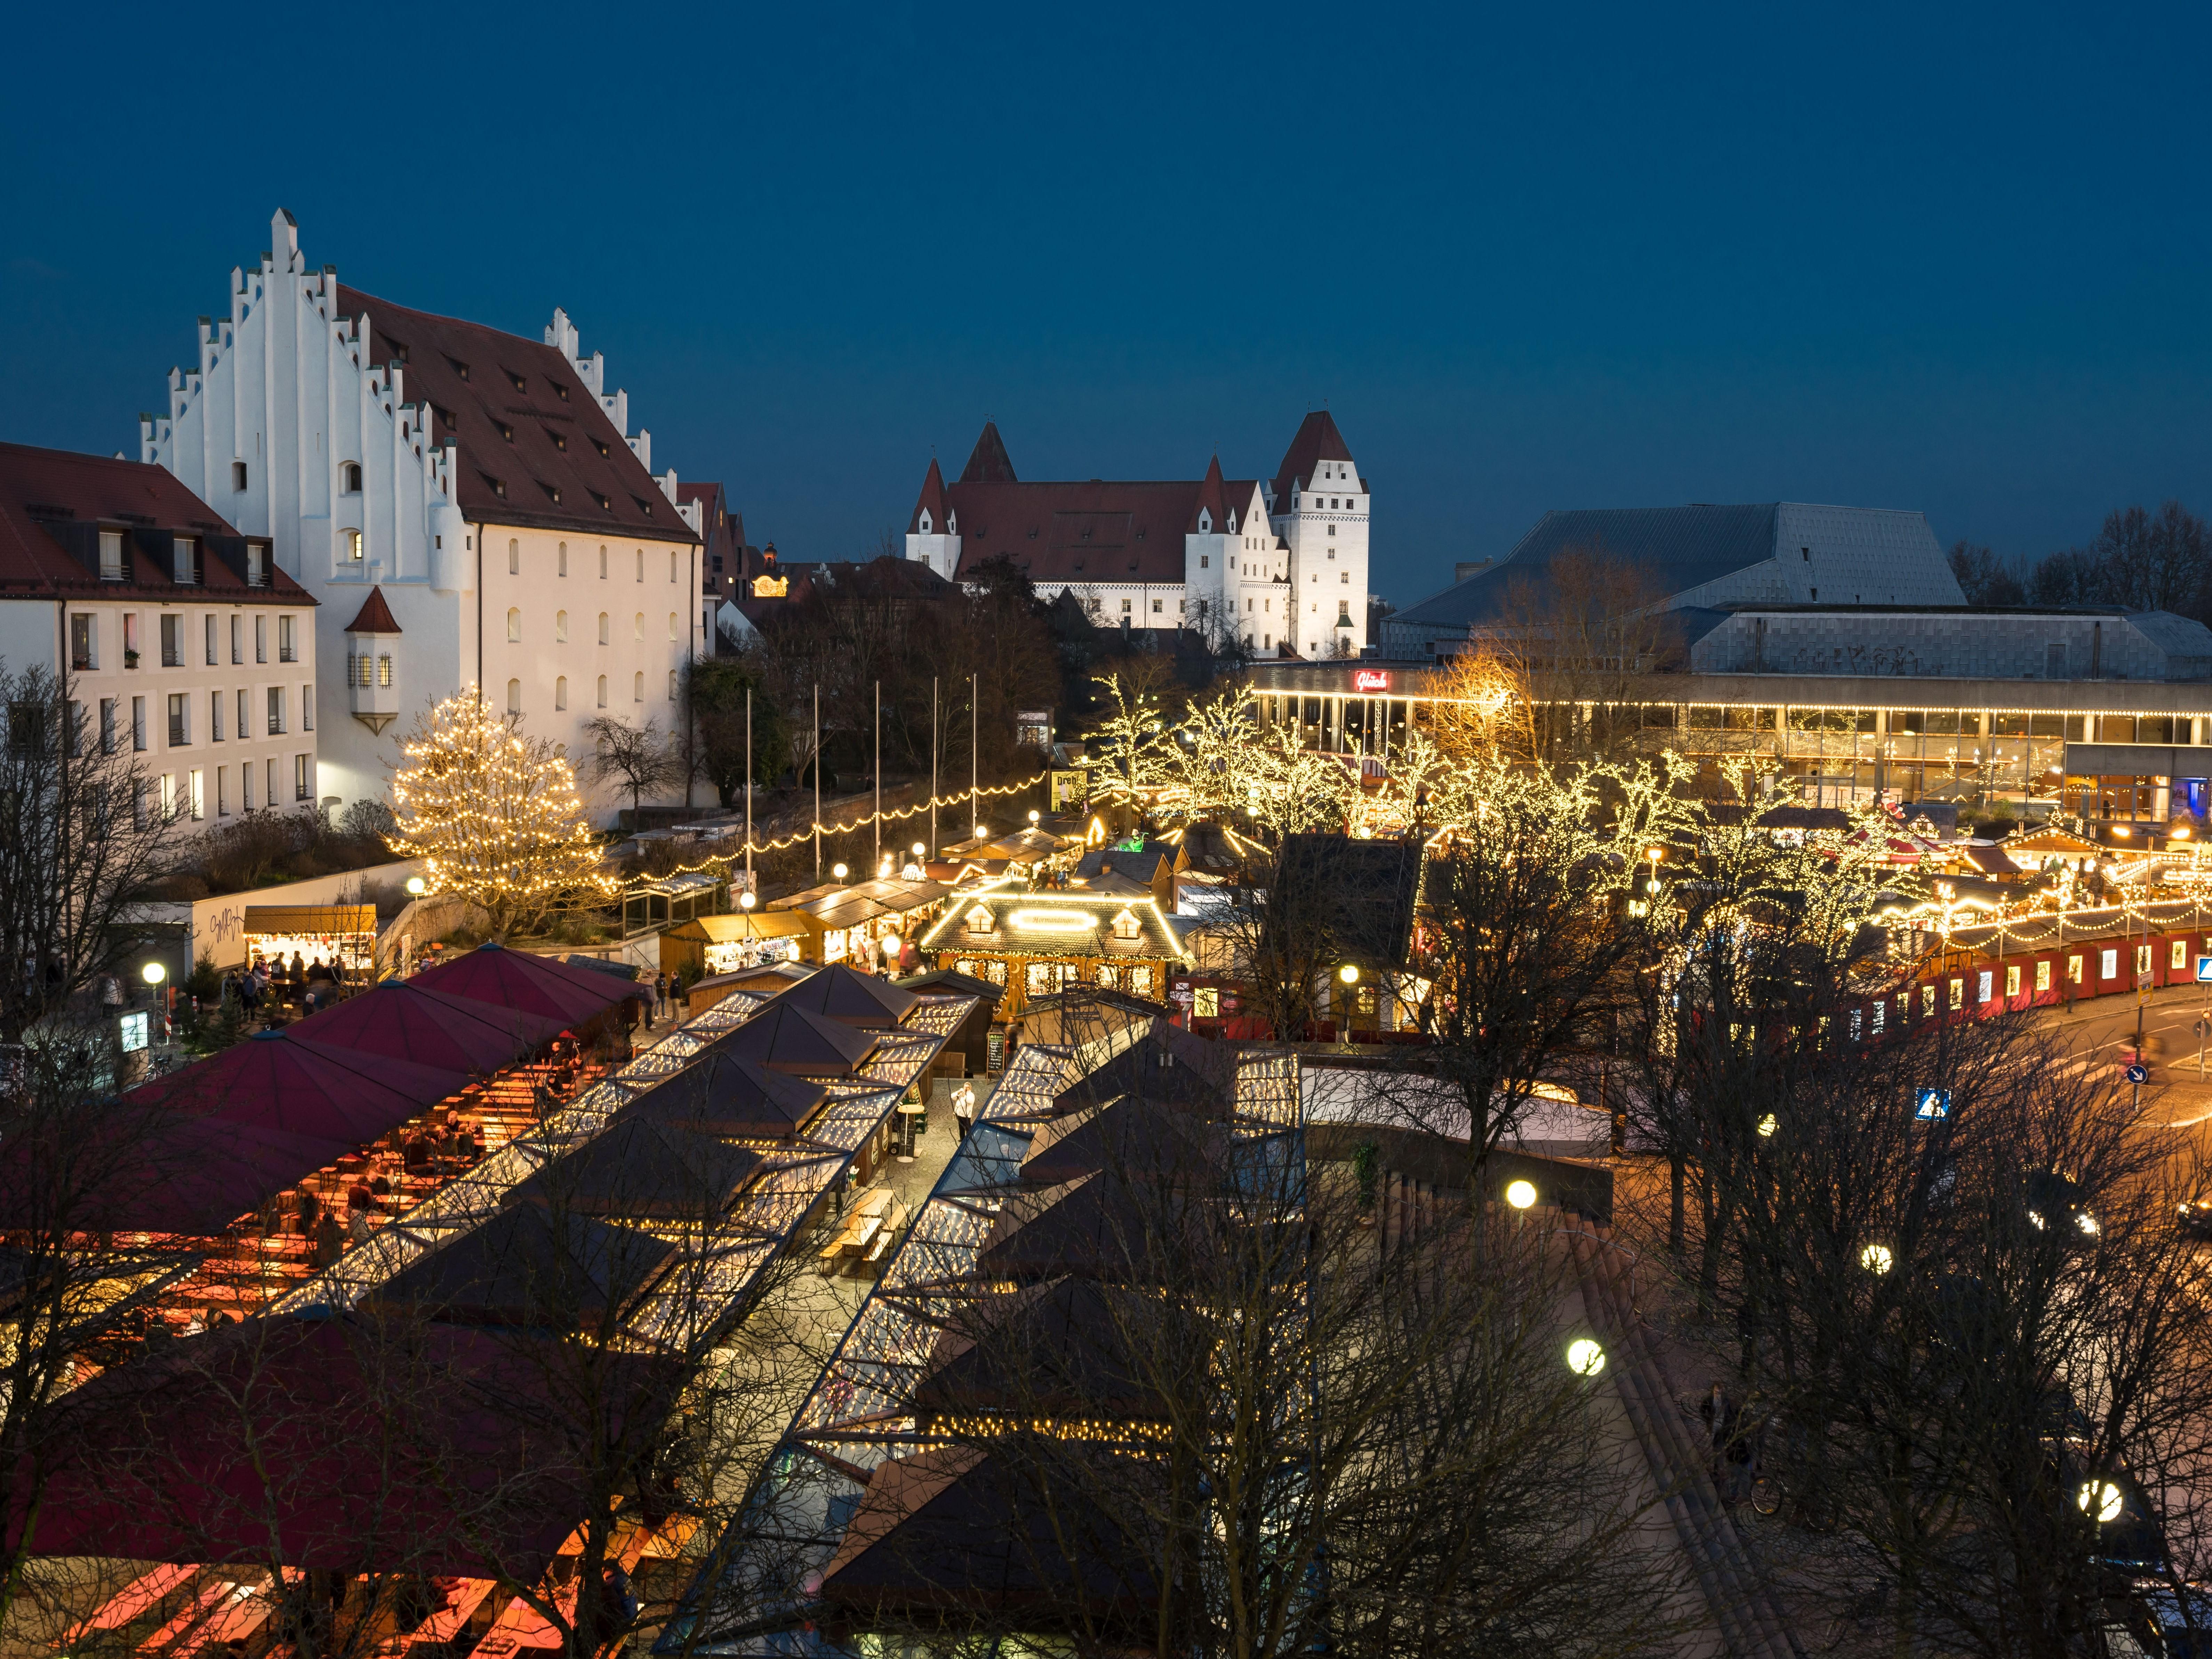 Christkindlmarkt Ingolstadt © Erich Reisinger